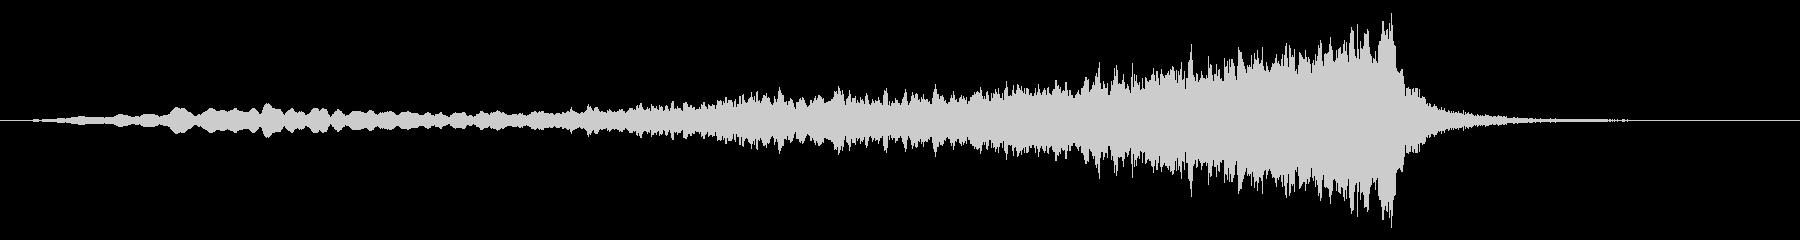 ホラープレイスの移行またはロゴの未再生の波形